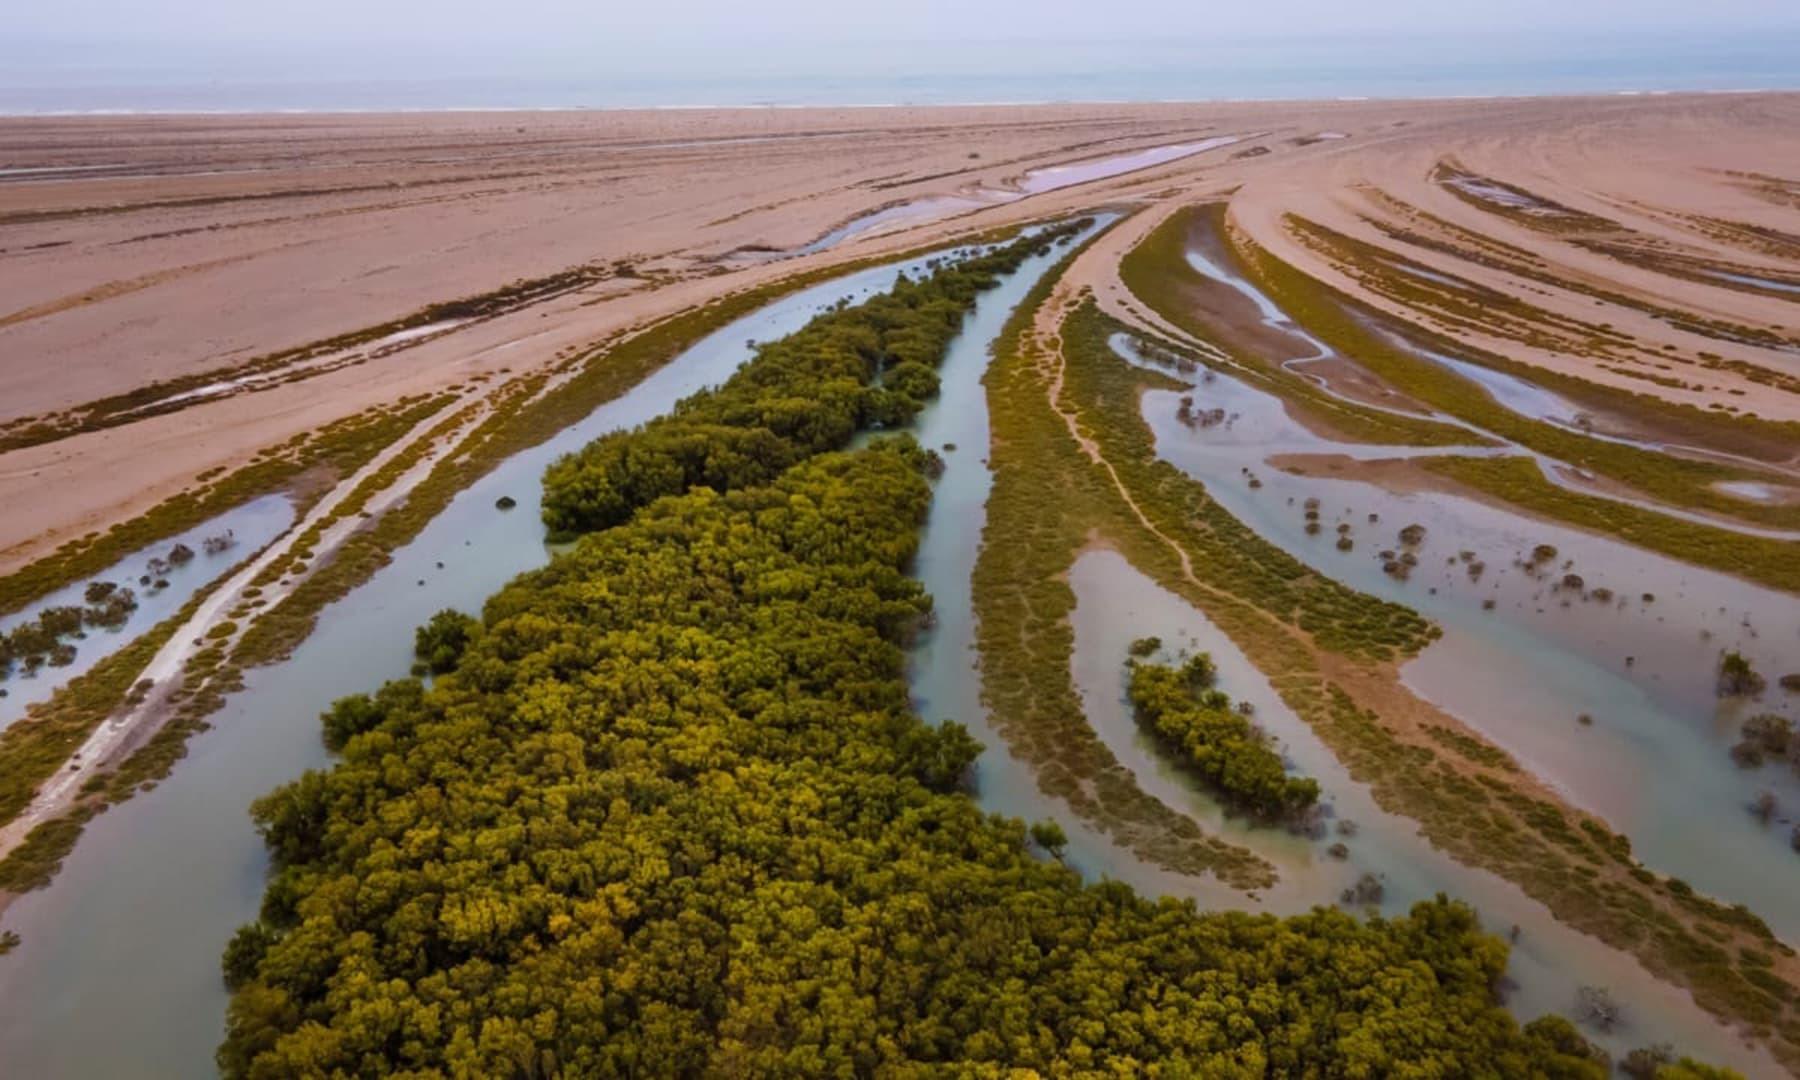 مینگرووز کے ایک ہیکٹر میں کتنے ڈالر کے وسائل پیدا ہوتے ہیں؟